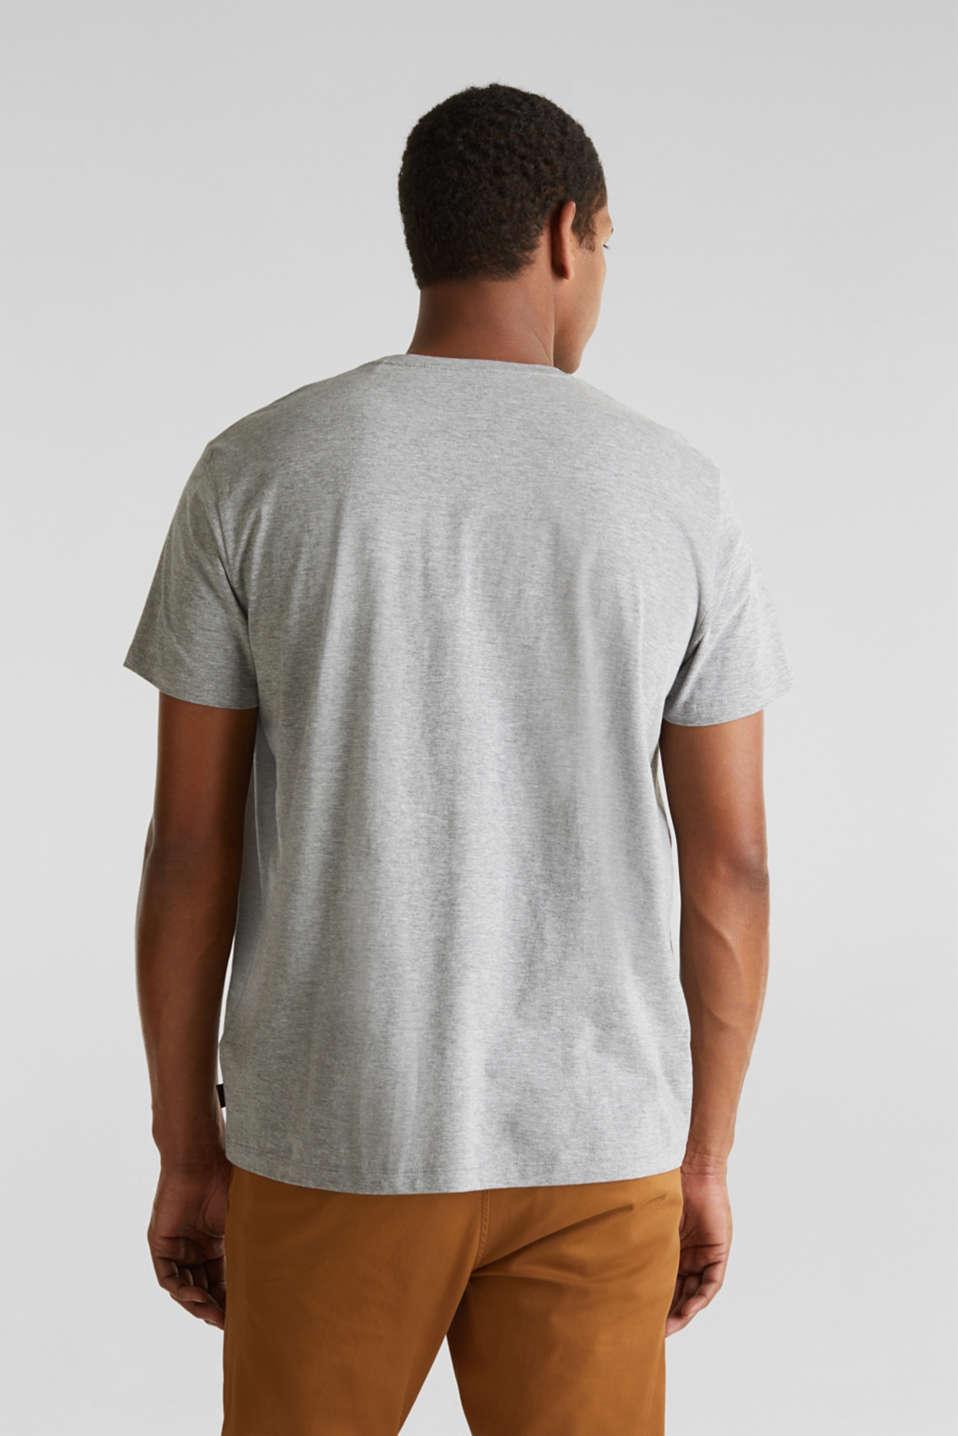 Melange printed jersey T-shirt, MEDIUM GREY 5, detail image number 3